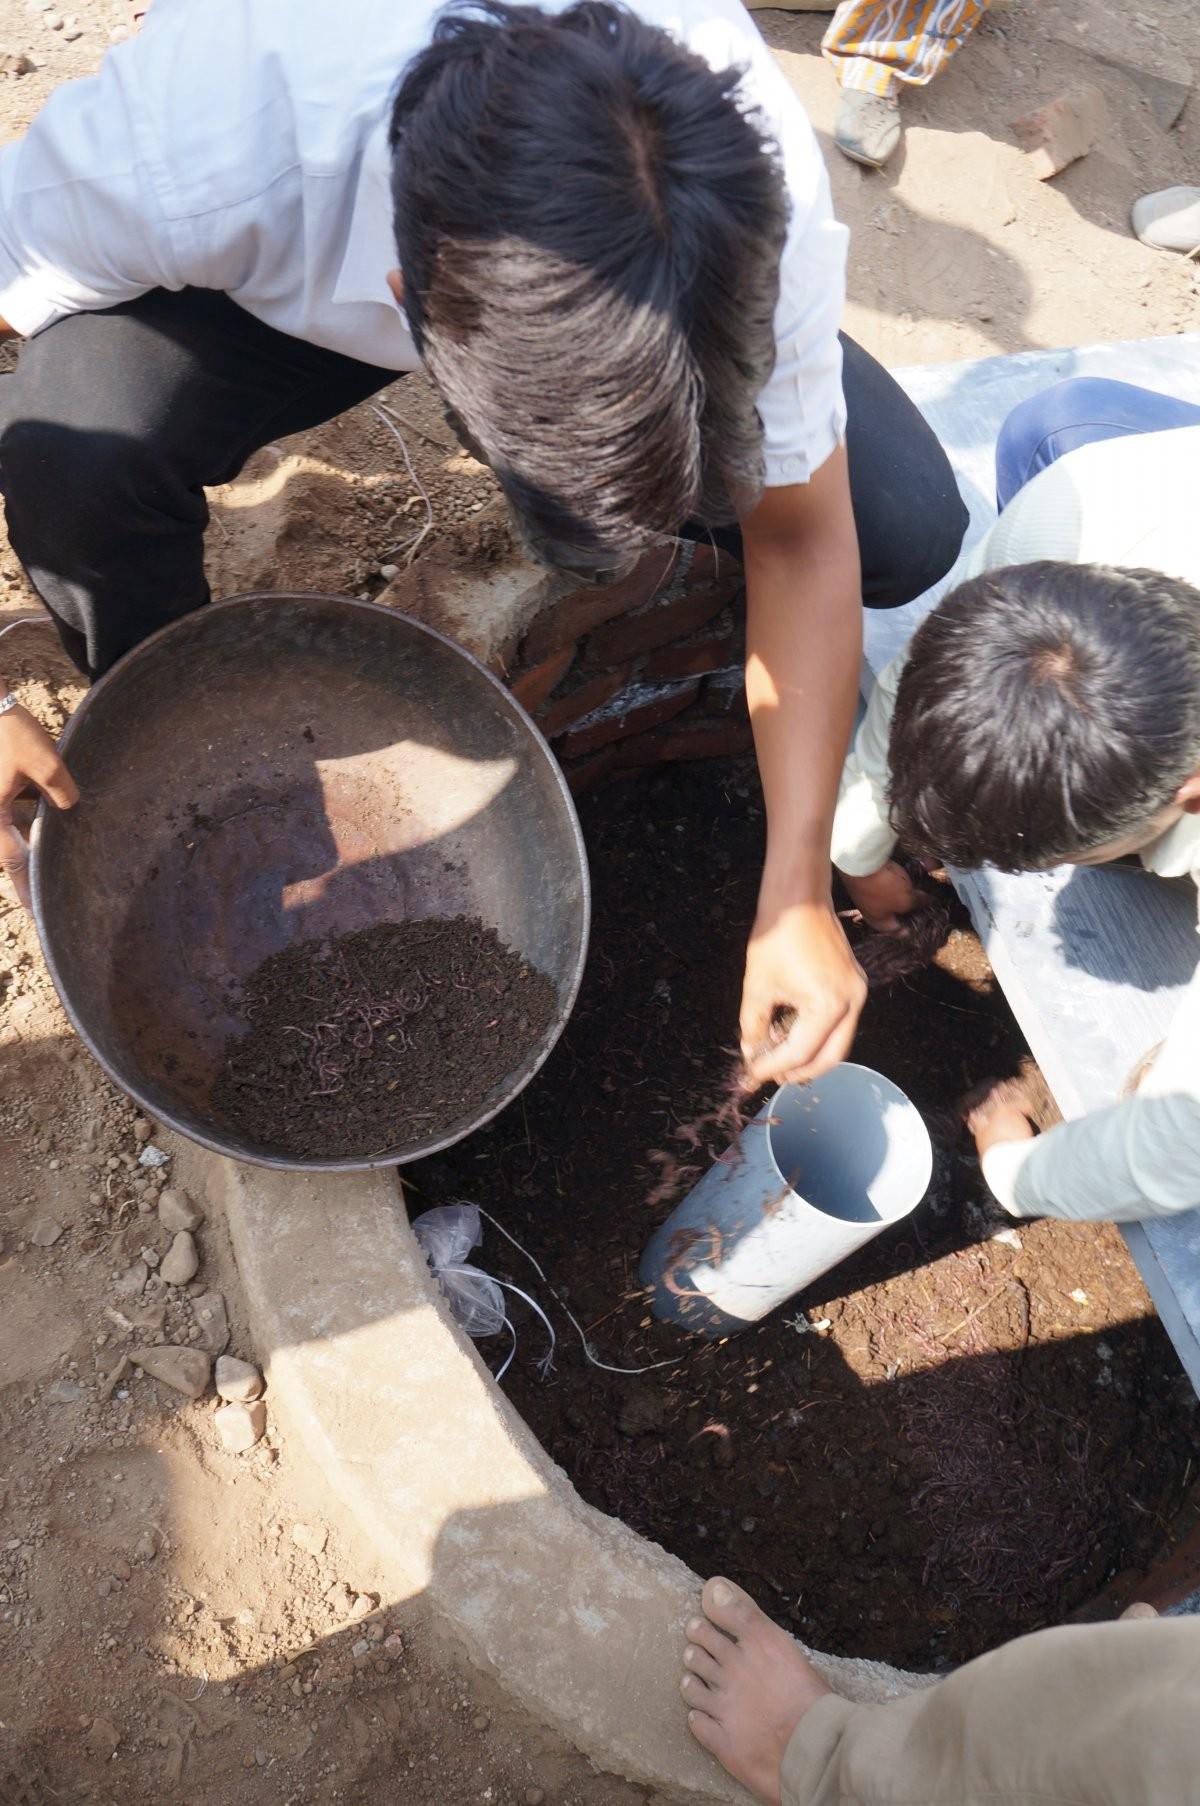 Minhocas da espécie Eisenia fetida se alimentam de dejetos humanos e materiais podres (Foto: Bear Valley Ventures)